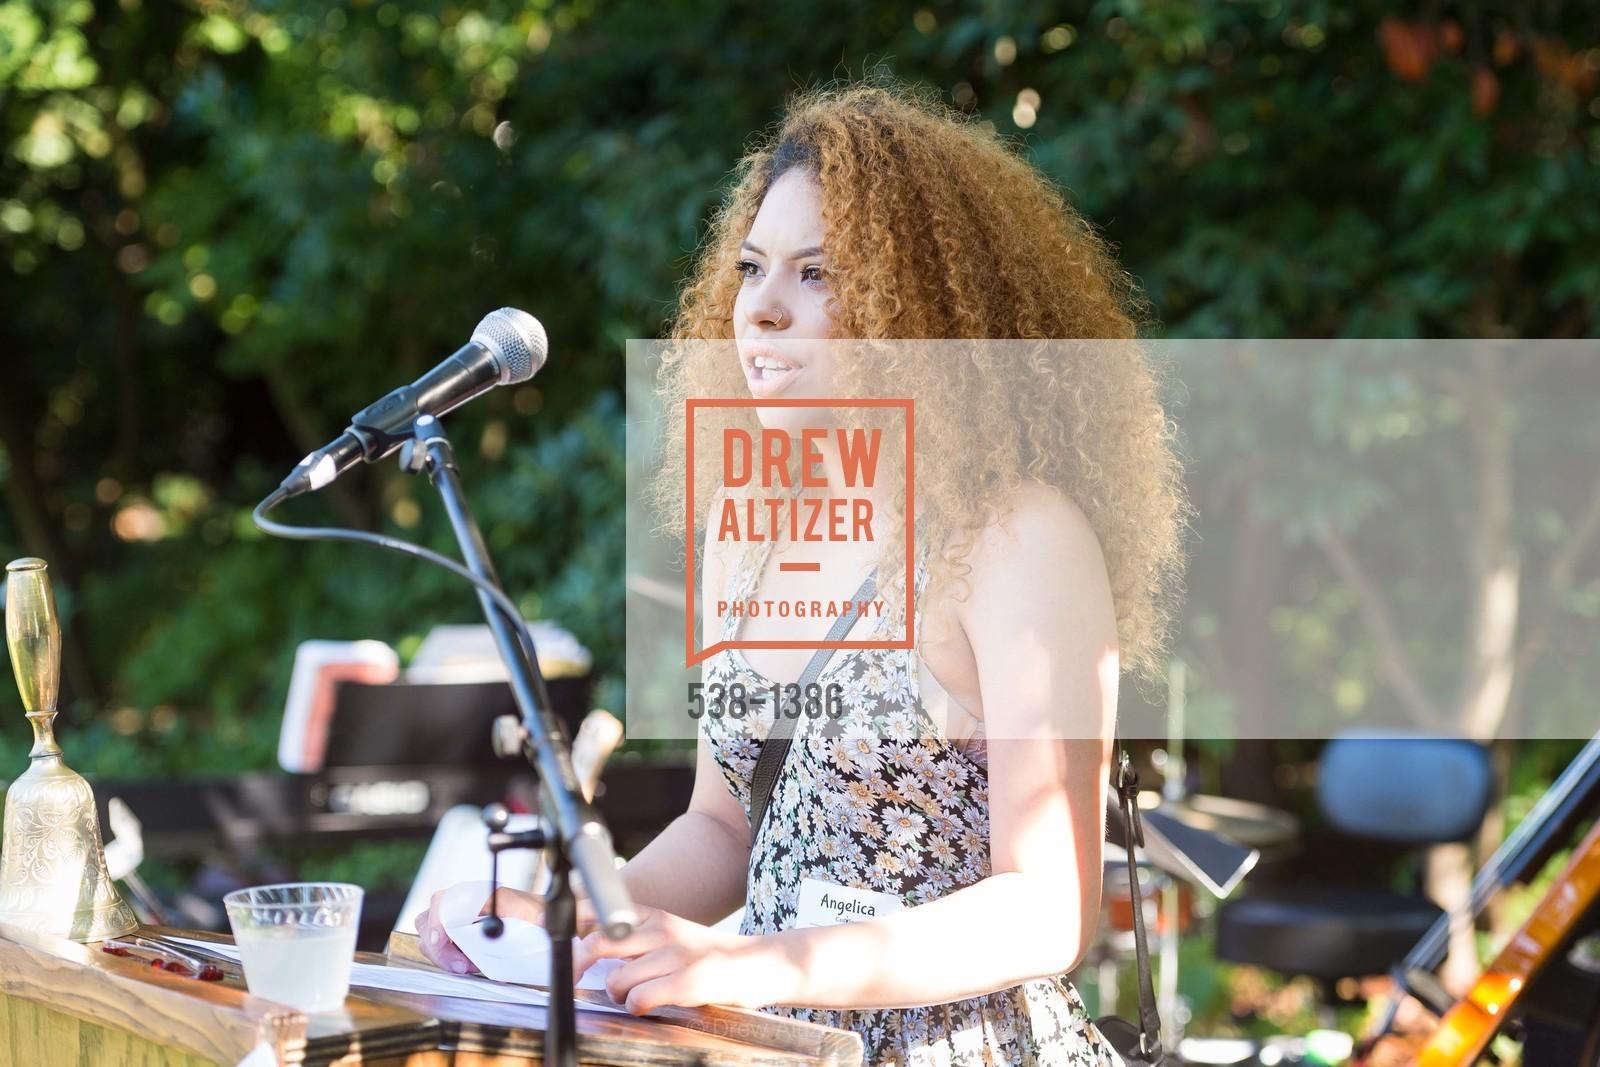 Angelica Castillo, Photo #538-1386